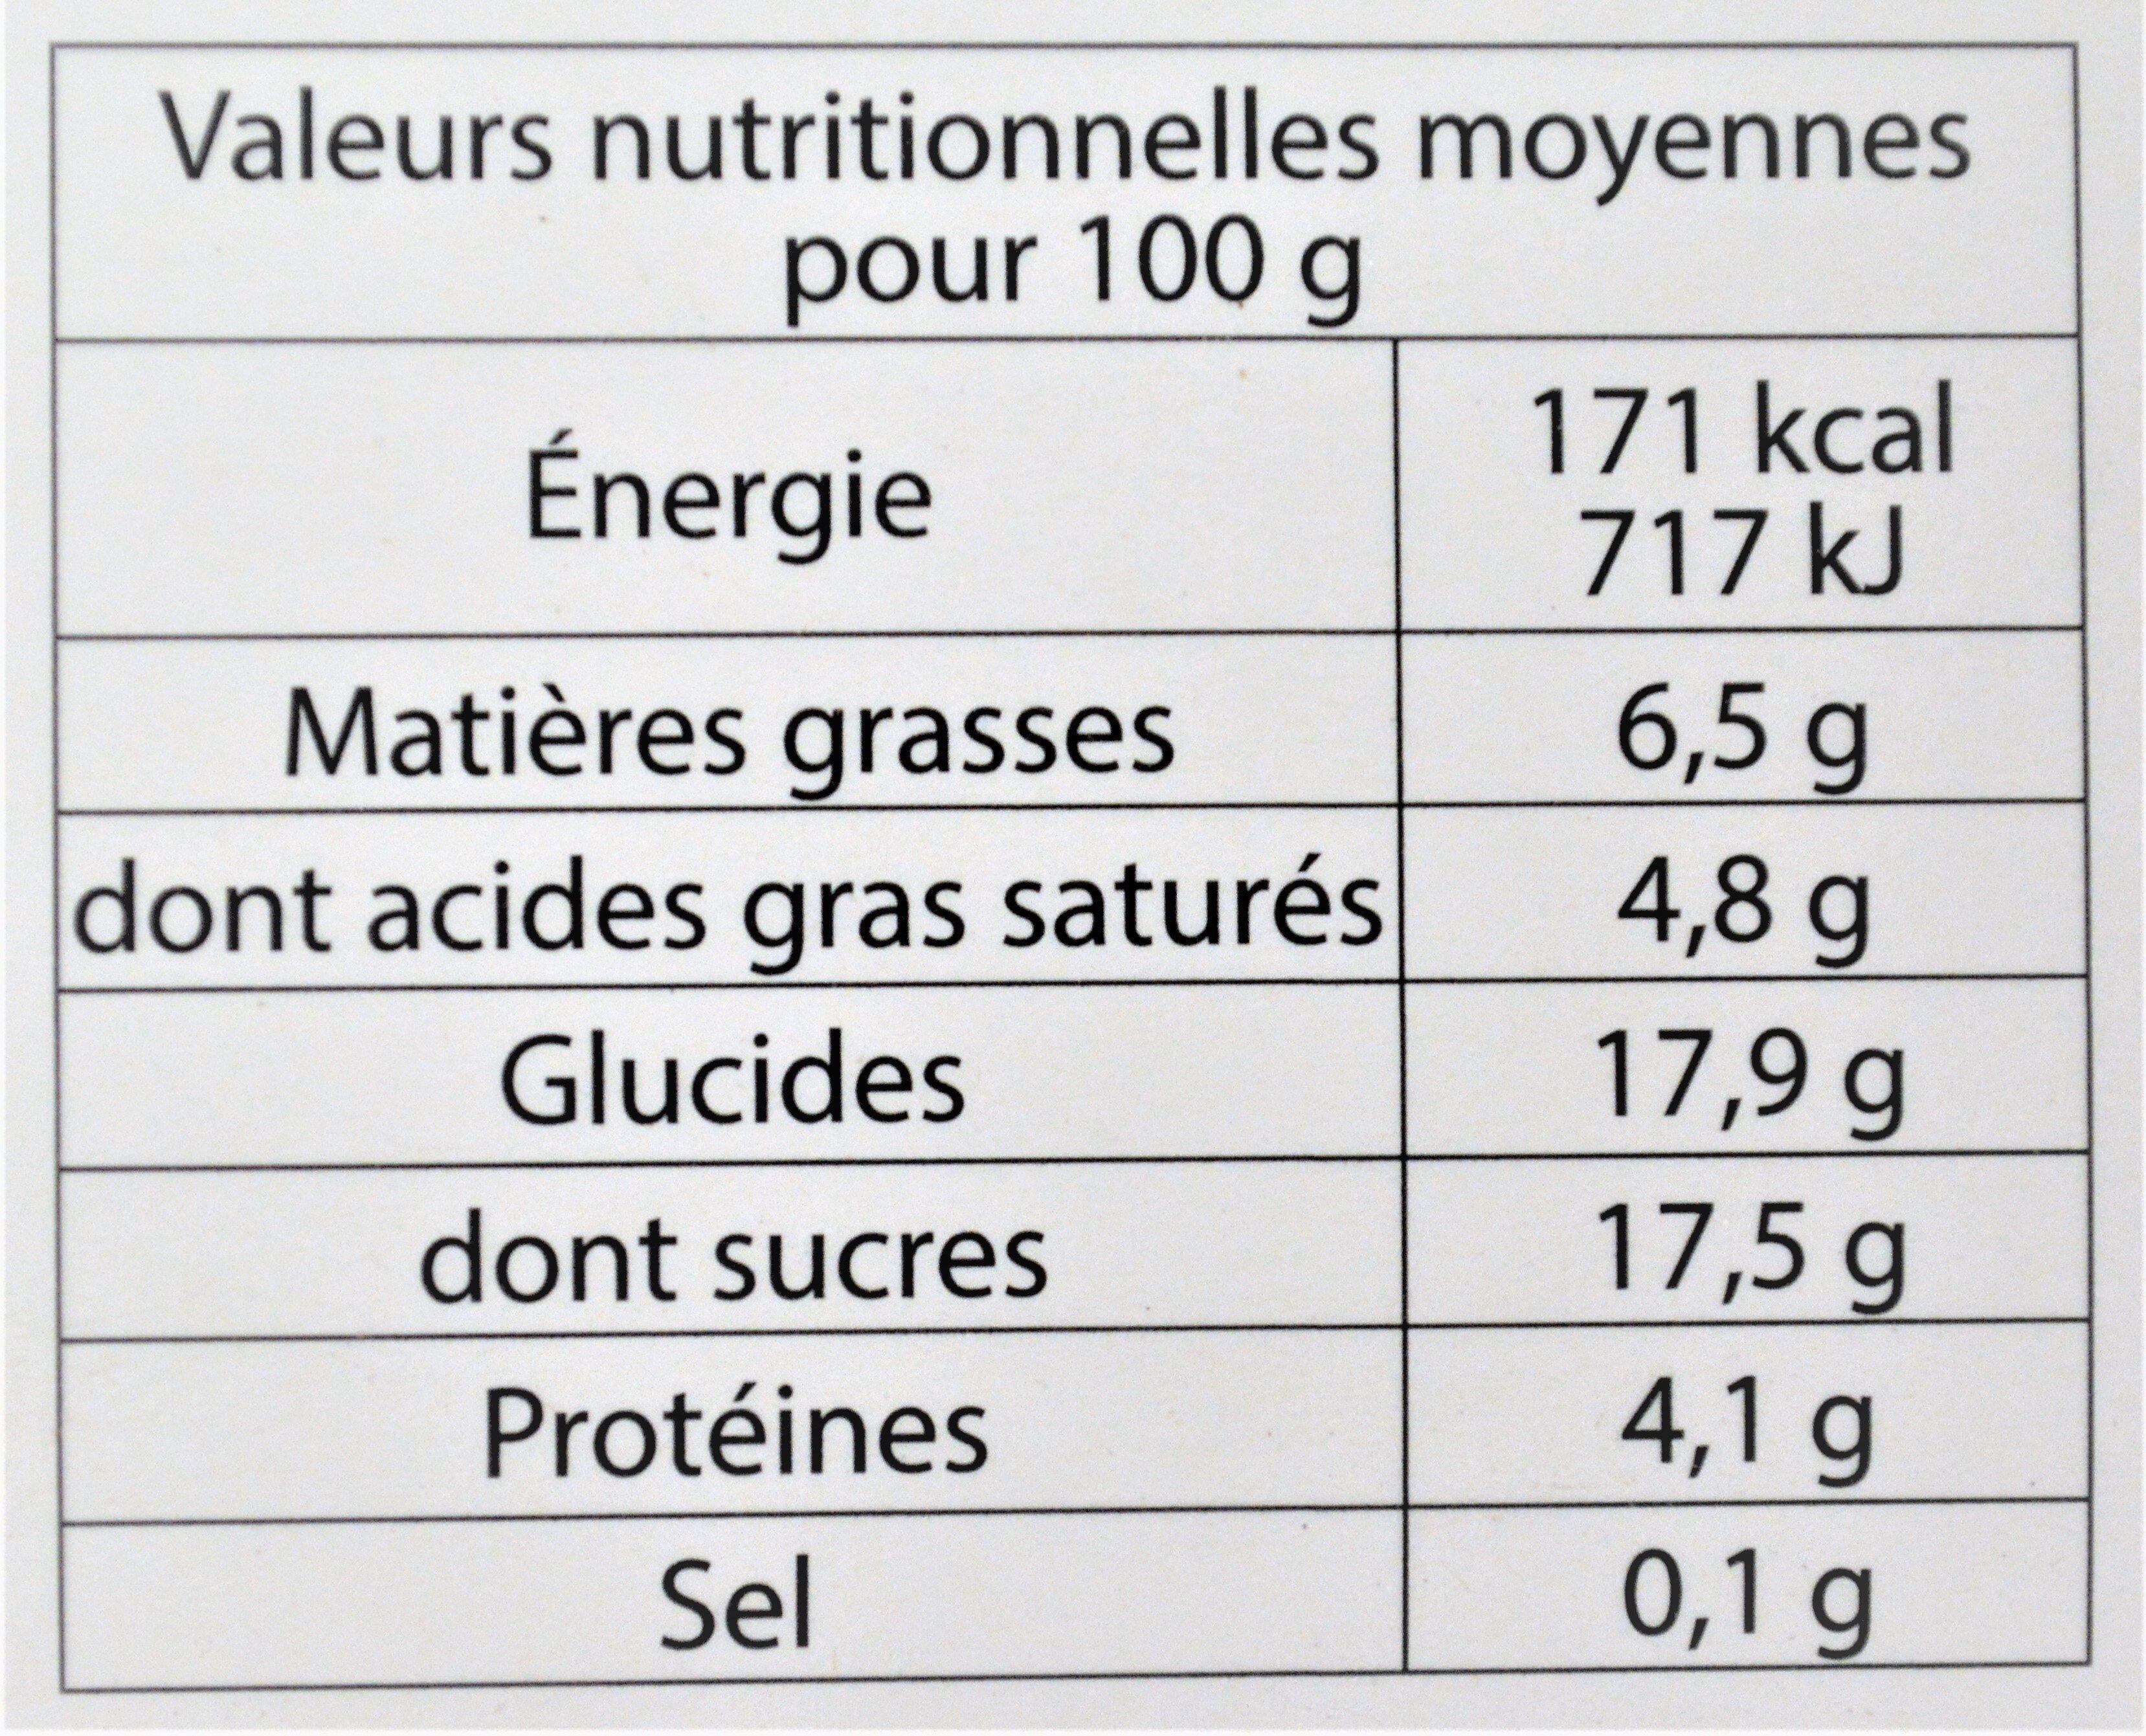 Glace à la VERVEINE DU VELAY - Nutrition facts